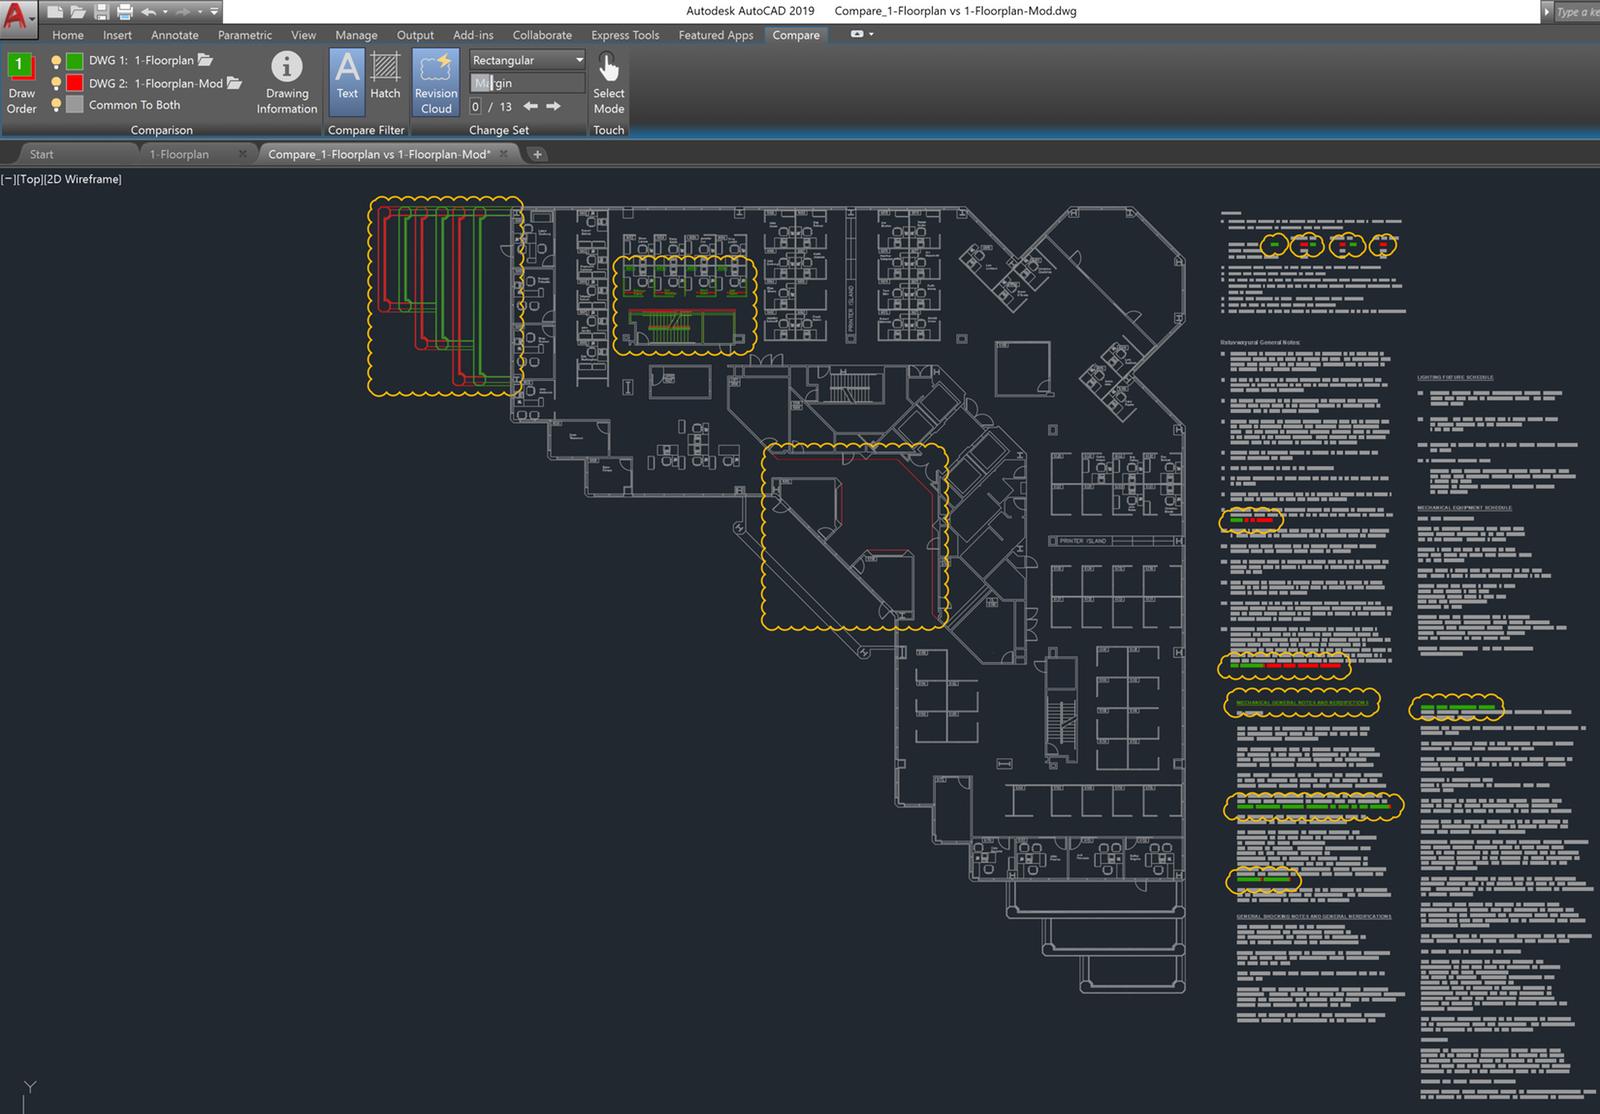 Autocad phiên bản 2019 đã được tích hợp với các bộ công cụ phù hợp cho từng bộ môn cụ thể